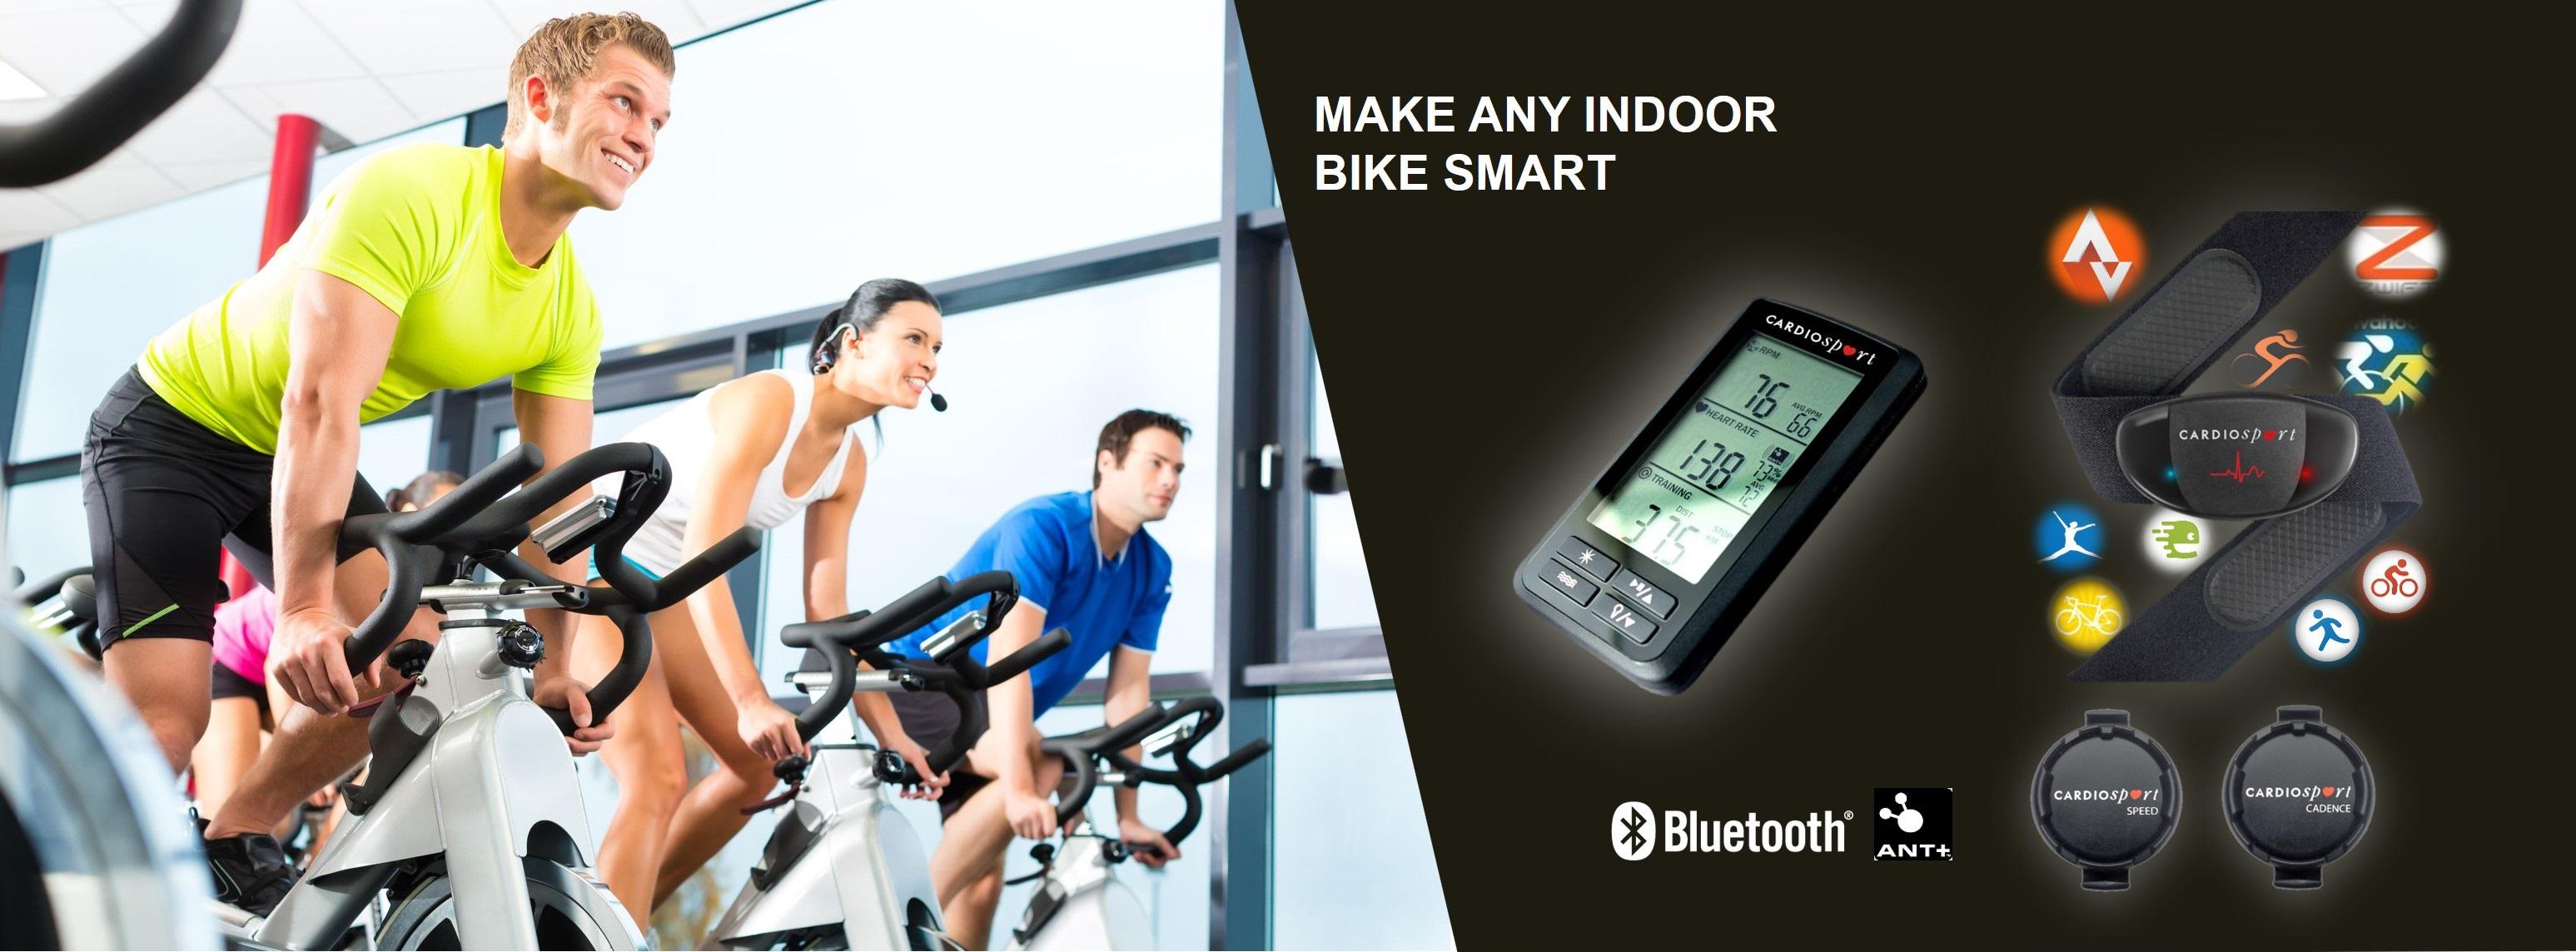 Indoor Bike Console